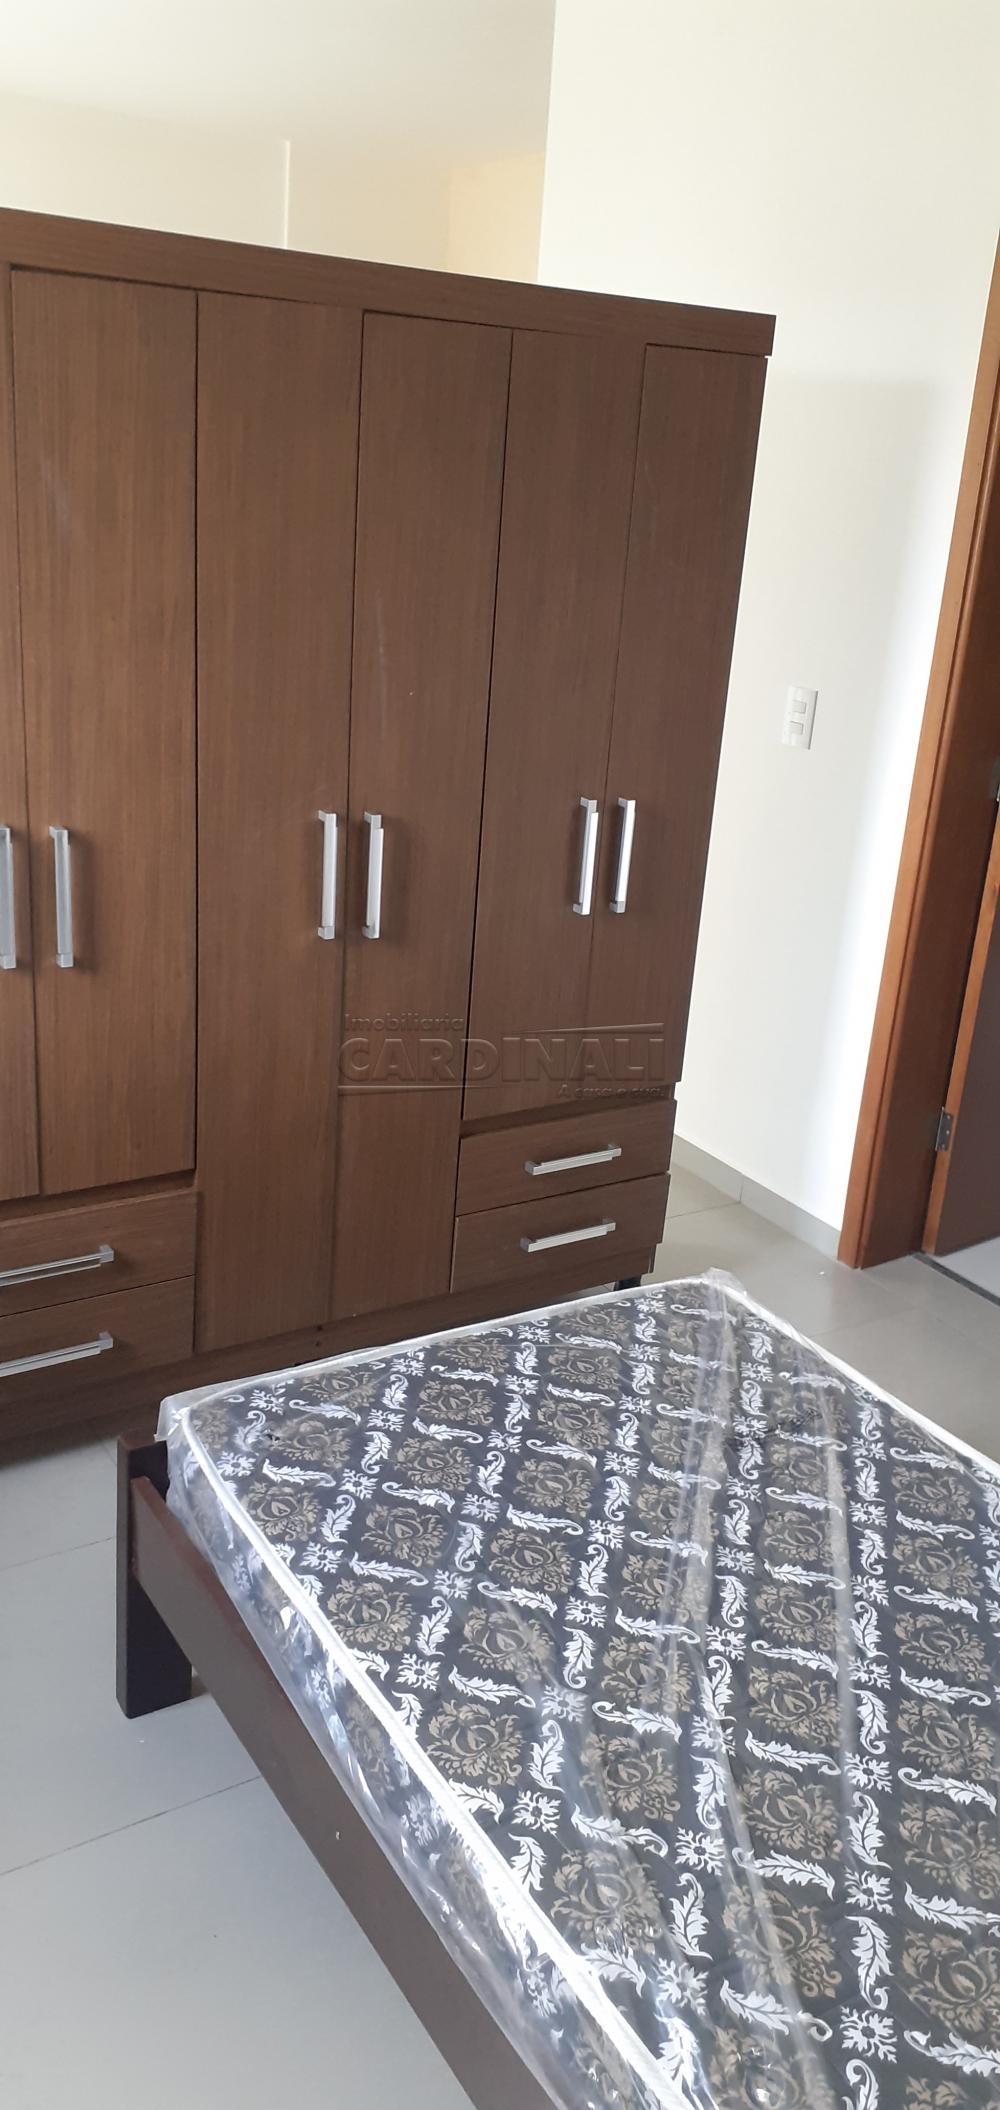 Alugar Apartamento / Padrão em São Carlos R$ 900,00 - Foto 7